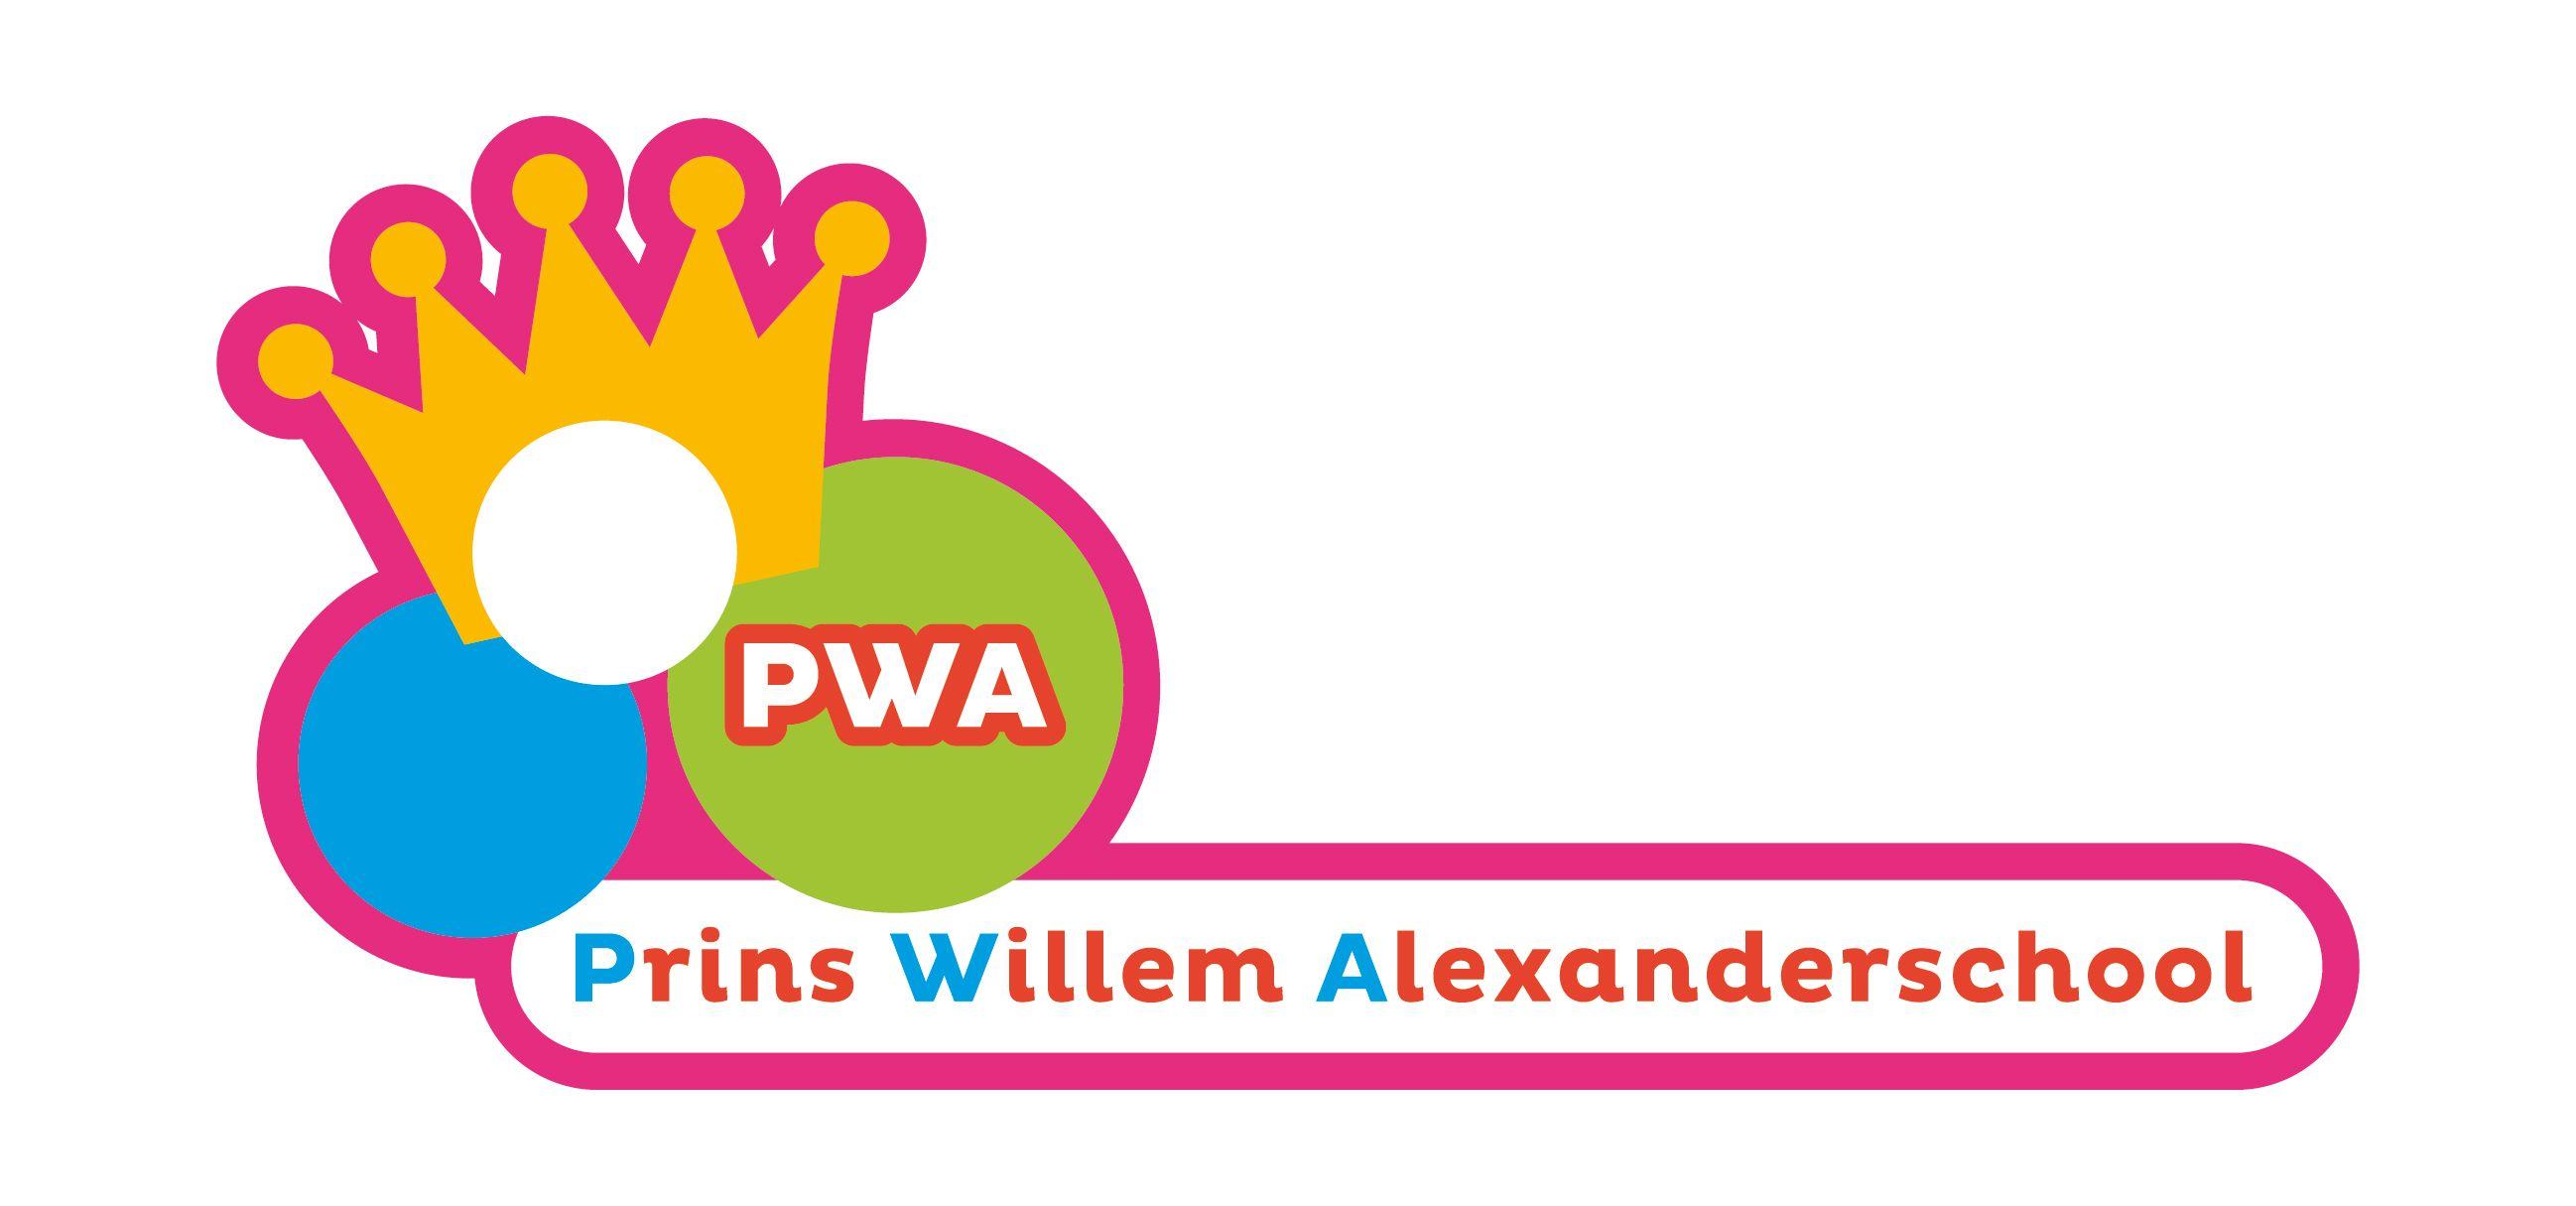 Logo voor de Prins Willem Alexanderschool in Zoetermeer.